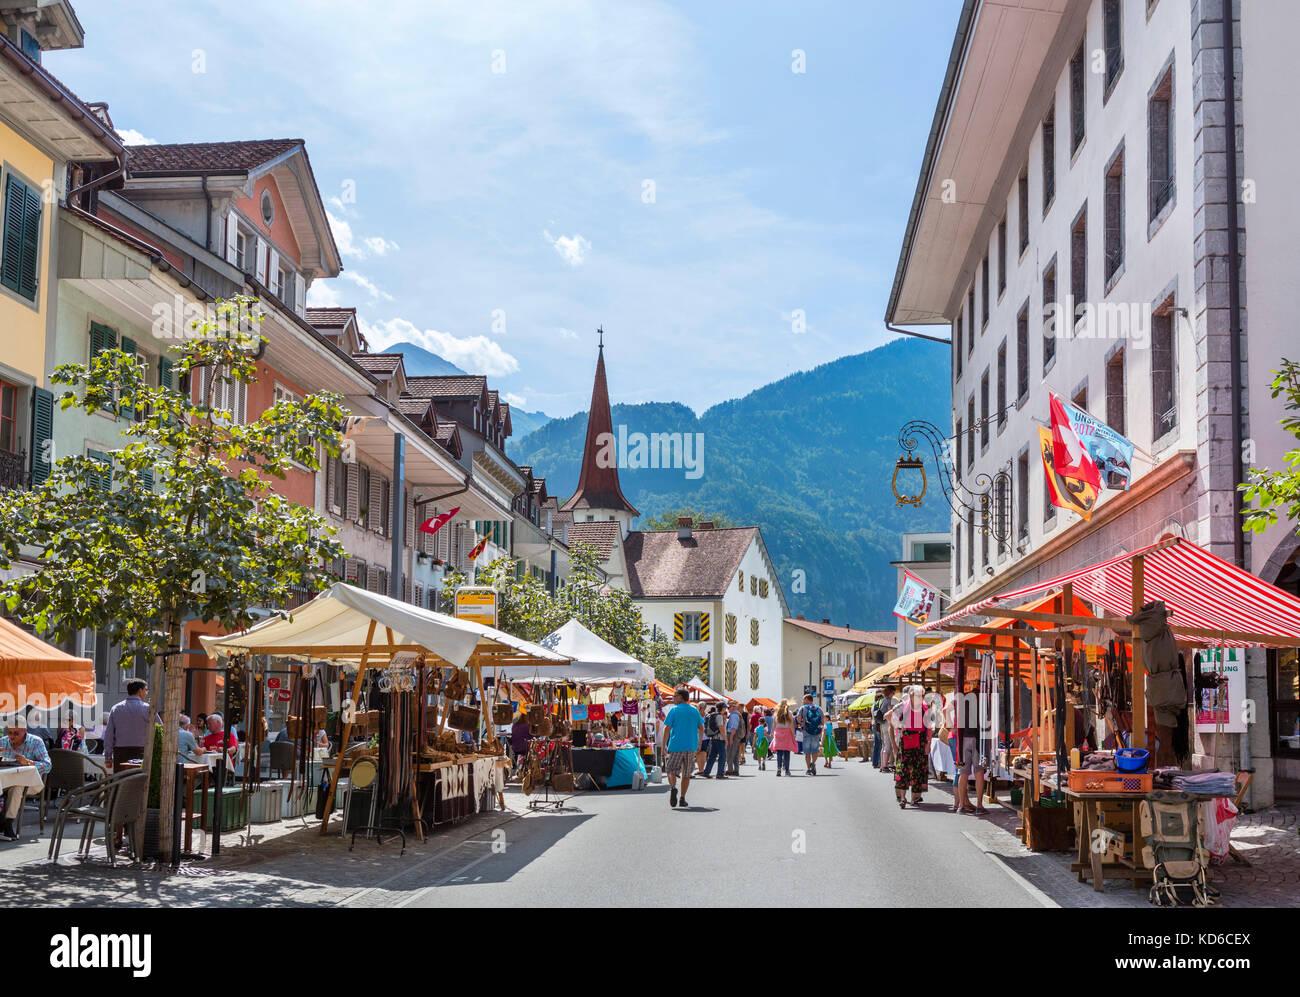 Markt auf dem Marktplatz in der Altstadt von Unterseen, Interlaken, Schweiz Stockbild